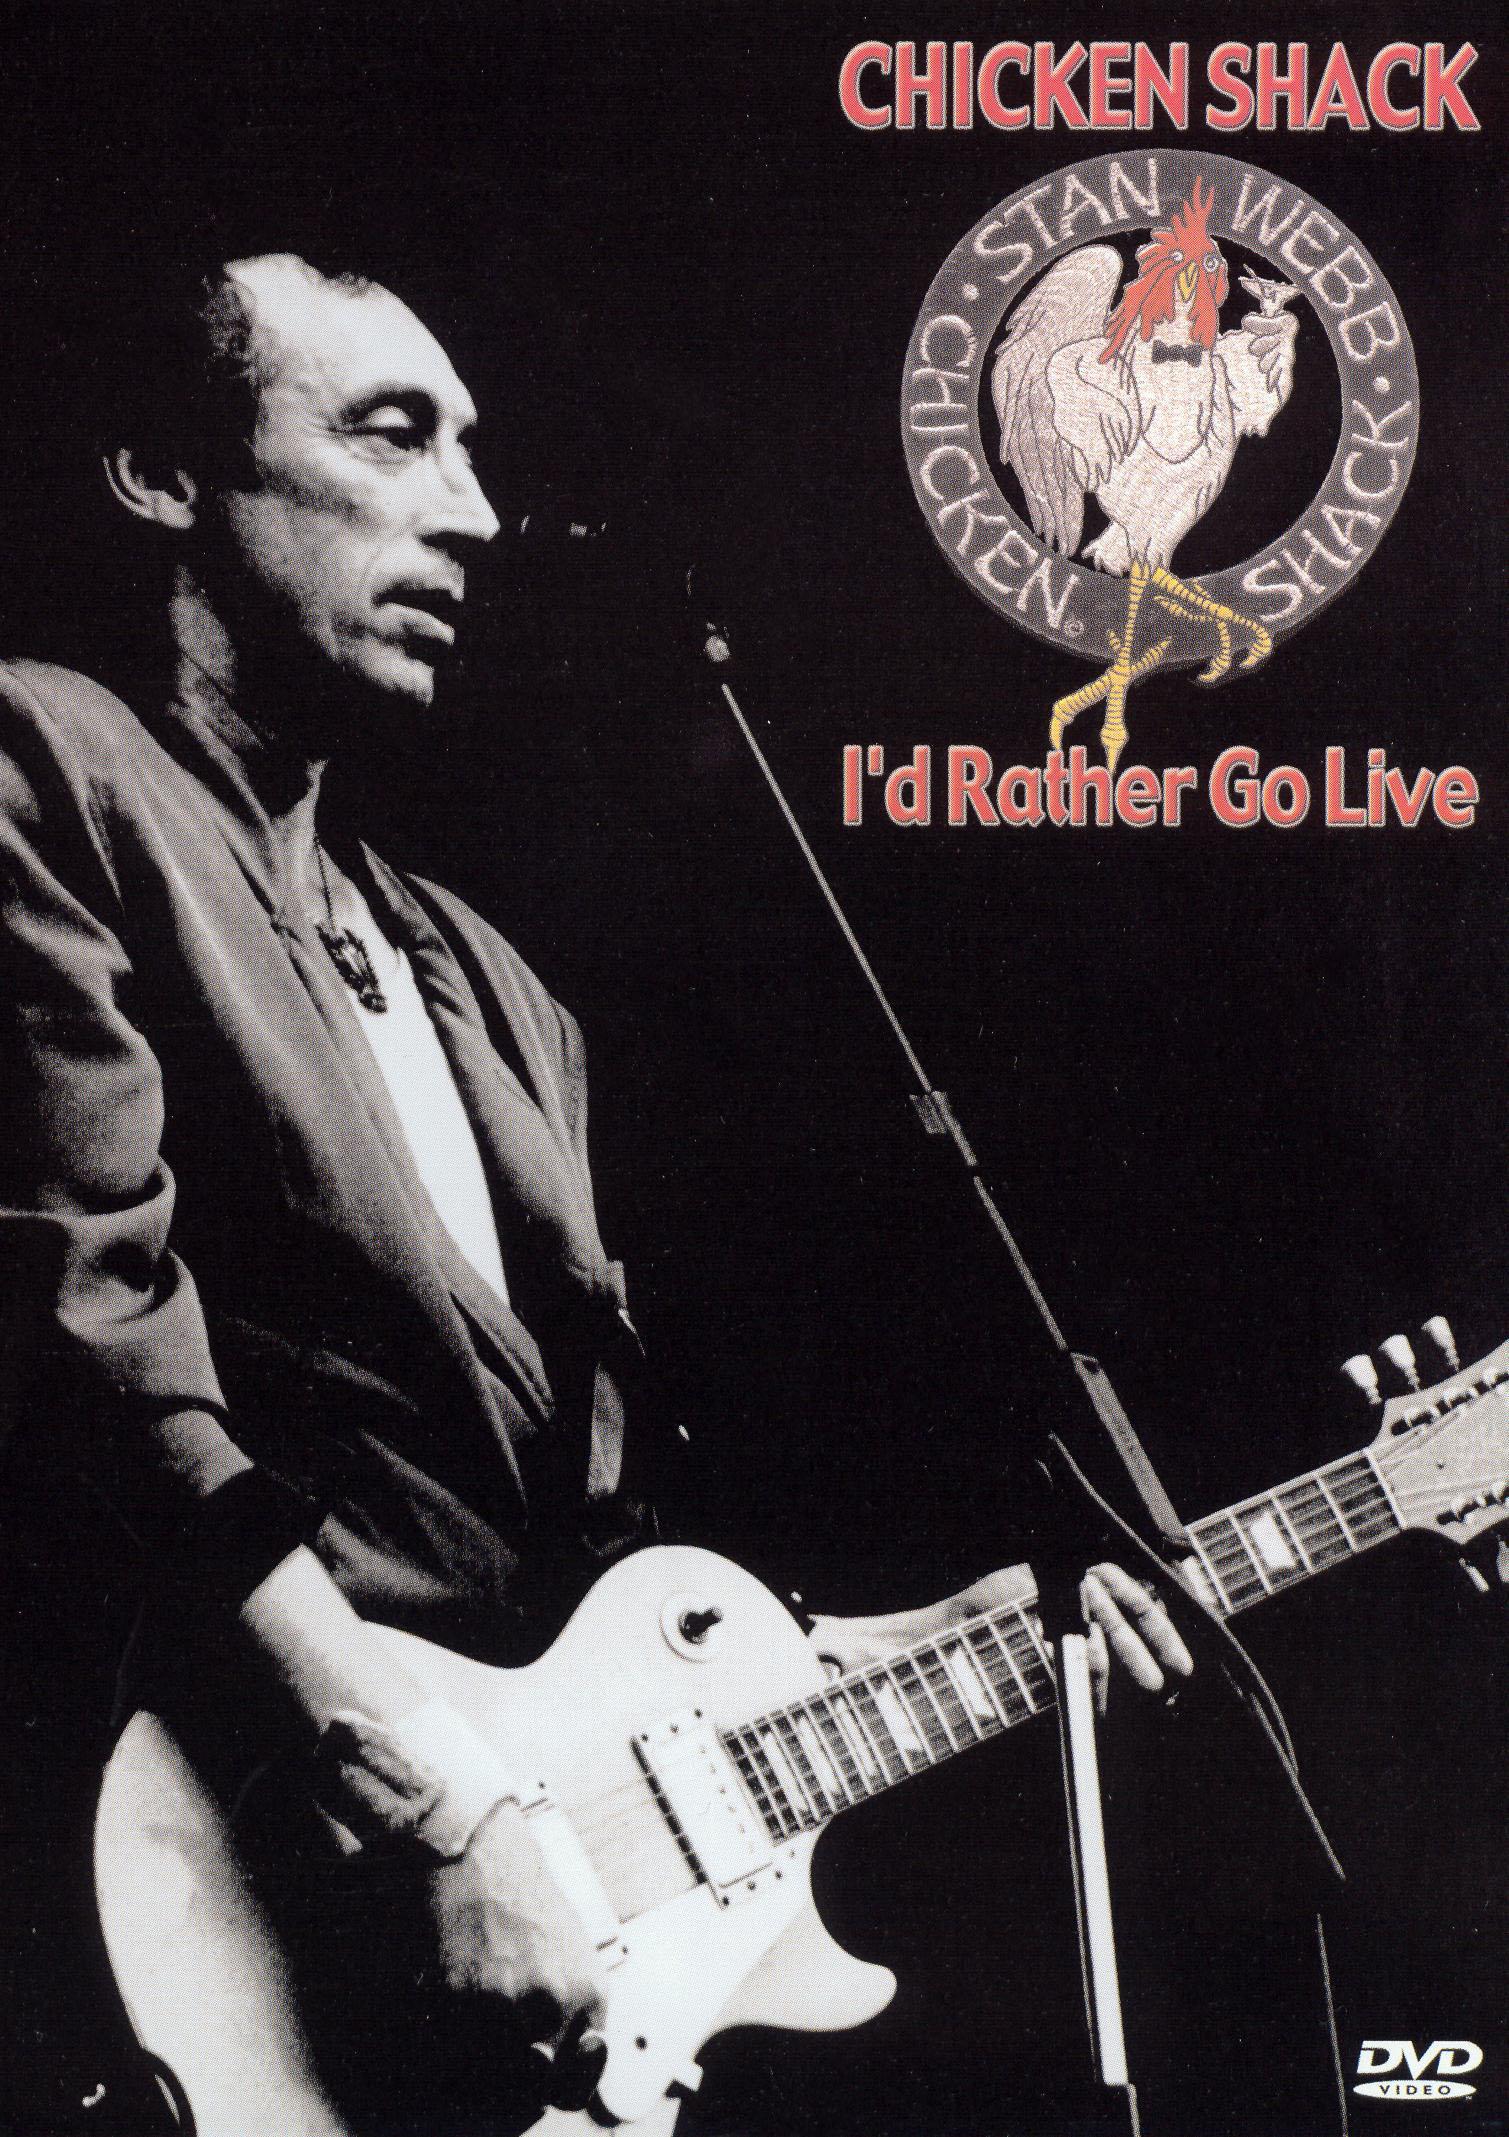 Stan Webb's Chicken Shack: I'd Rather Go Live